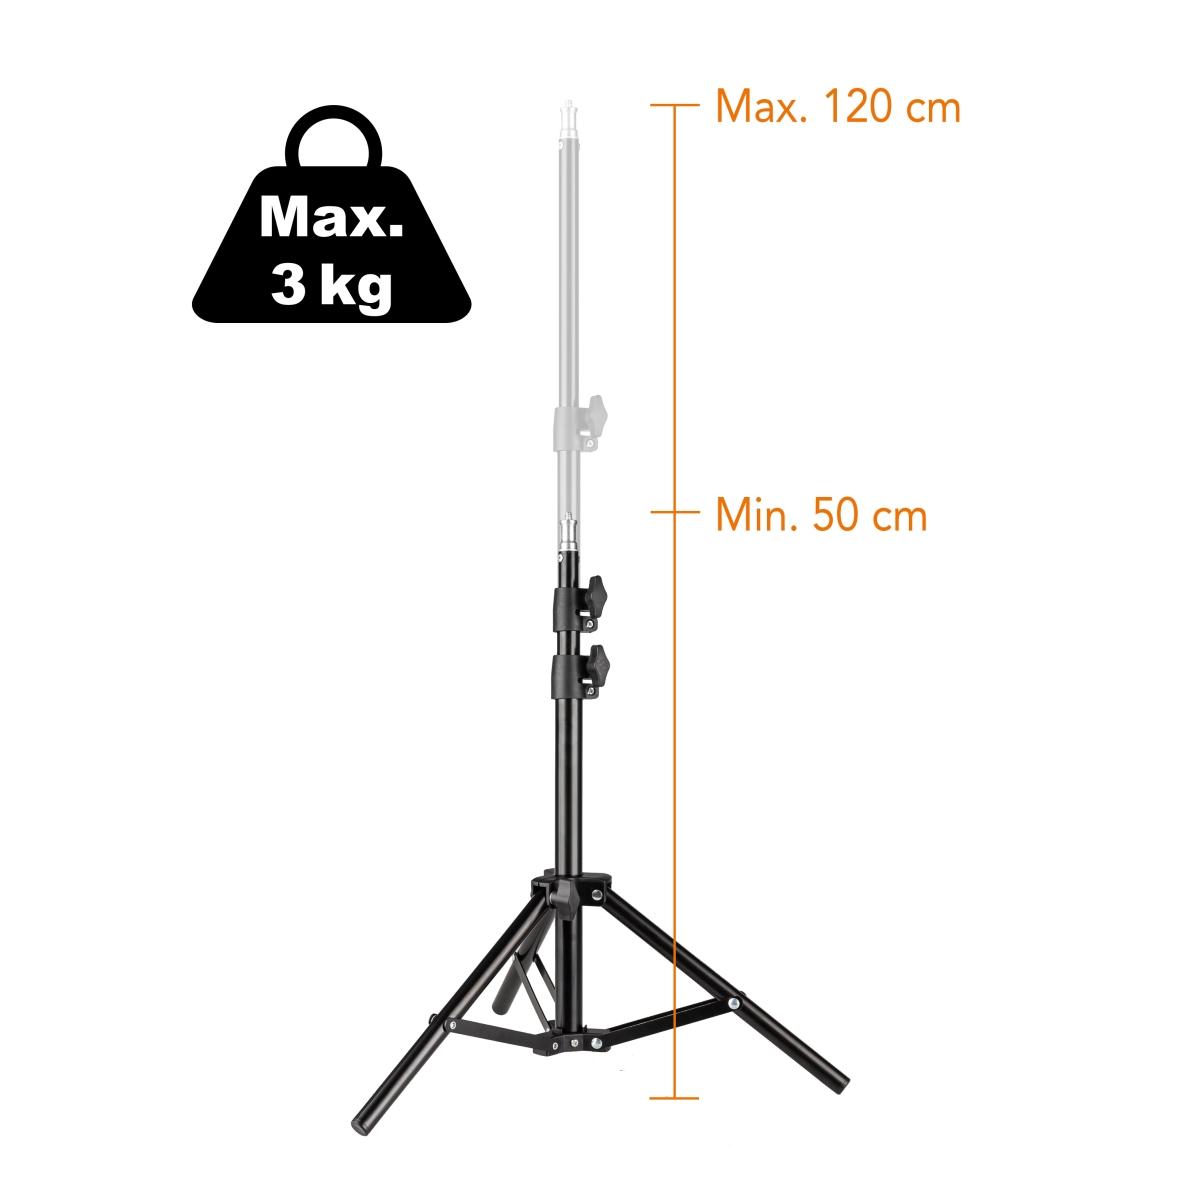 Dodávaný stativ lze vysunout až do výšky 120 cm a navíc se pyšní celkovou nosností až 3 kg.